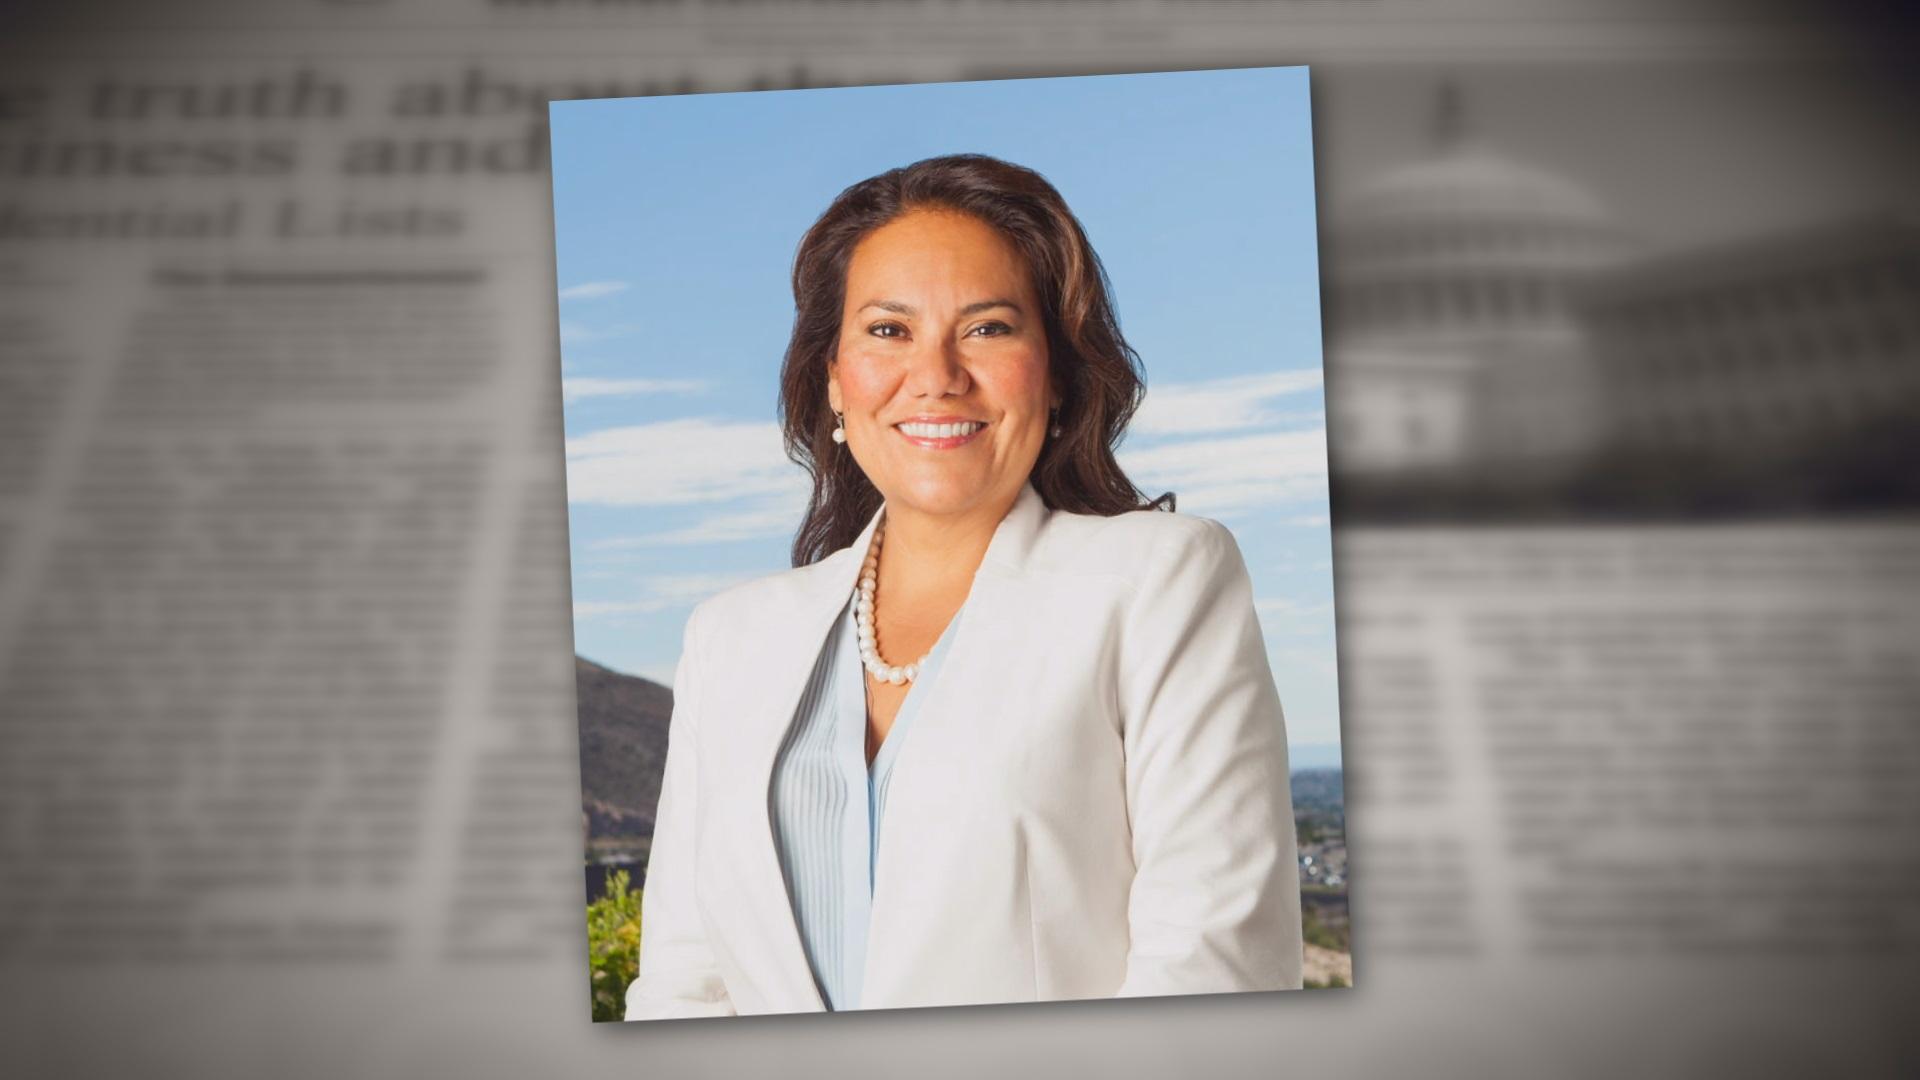 Escobar El Paso Times_1519011728236.jpg.jpg